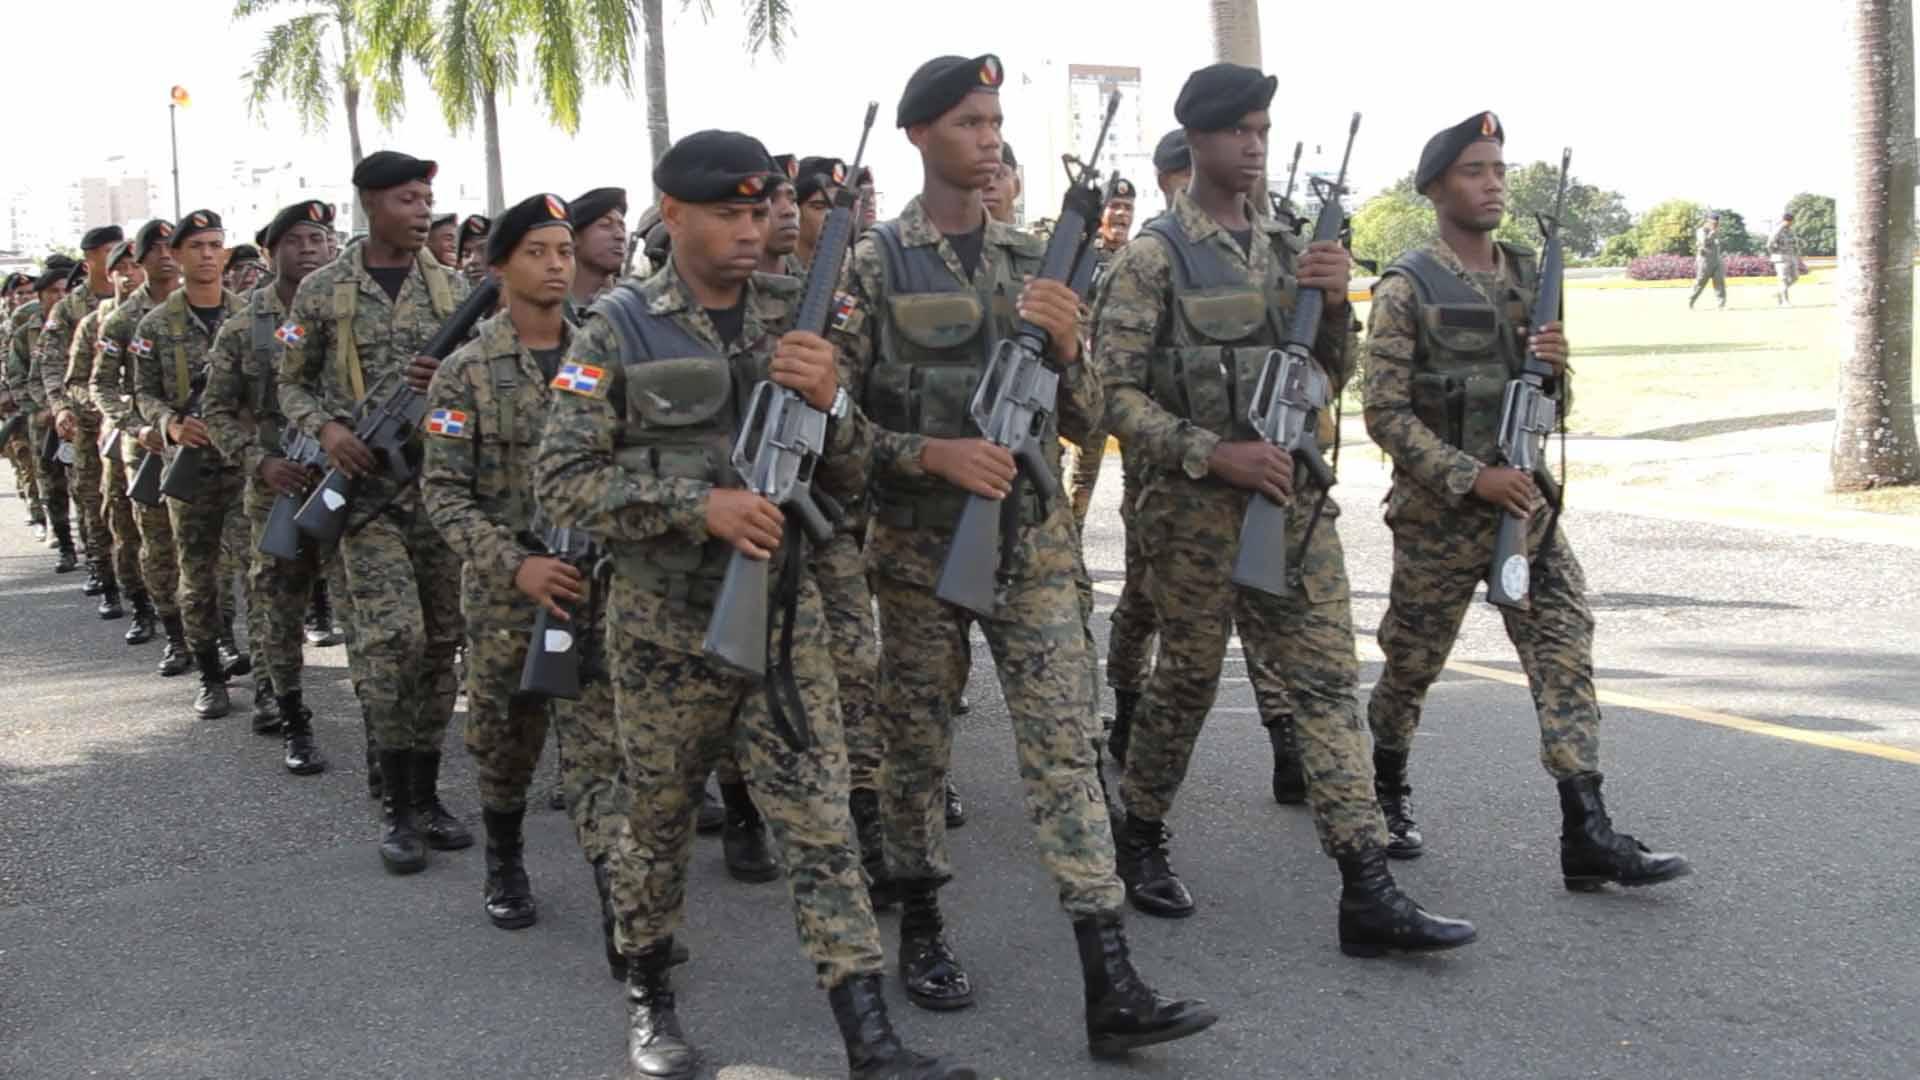 Fuerzas Armadas integrará tres mil soldados a patrullaje